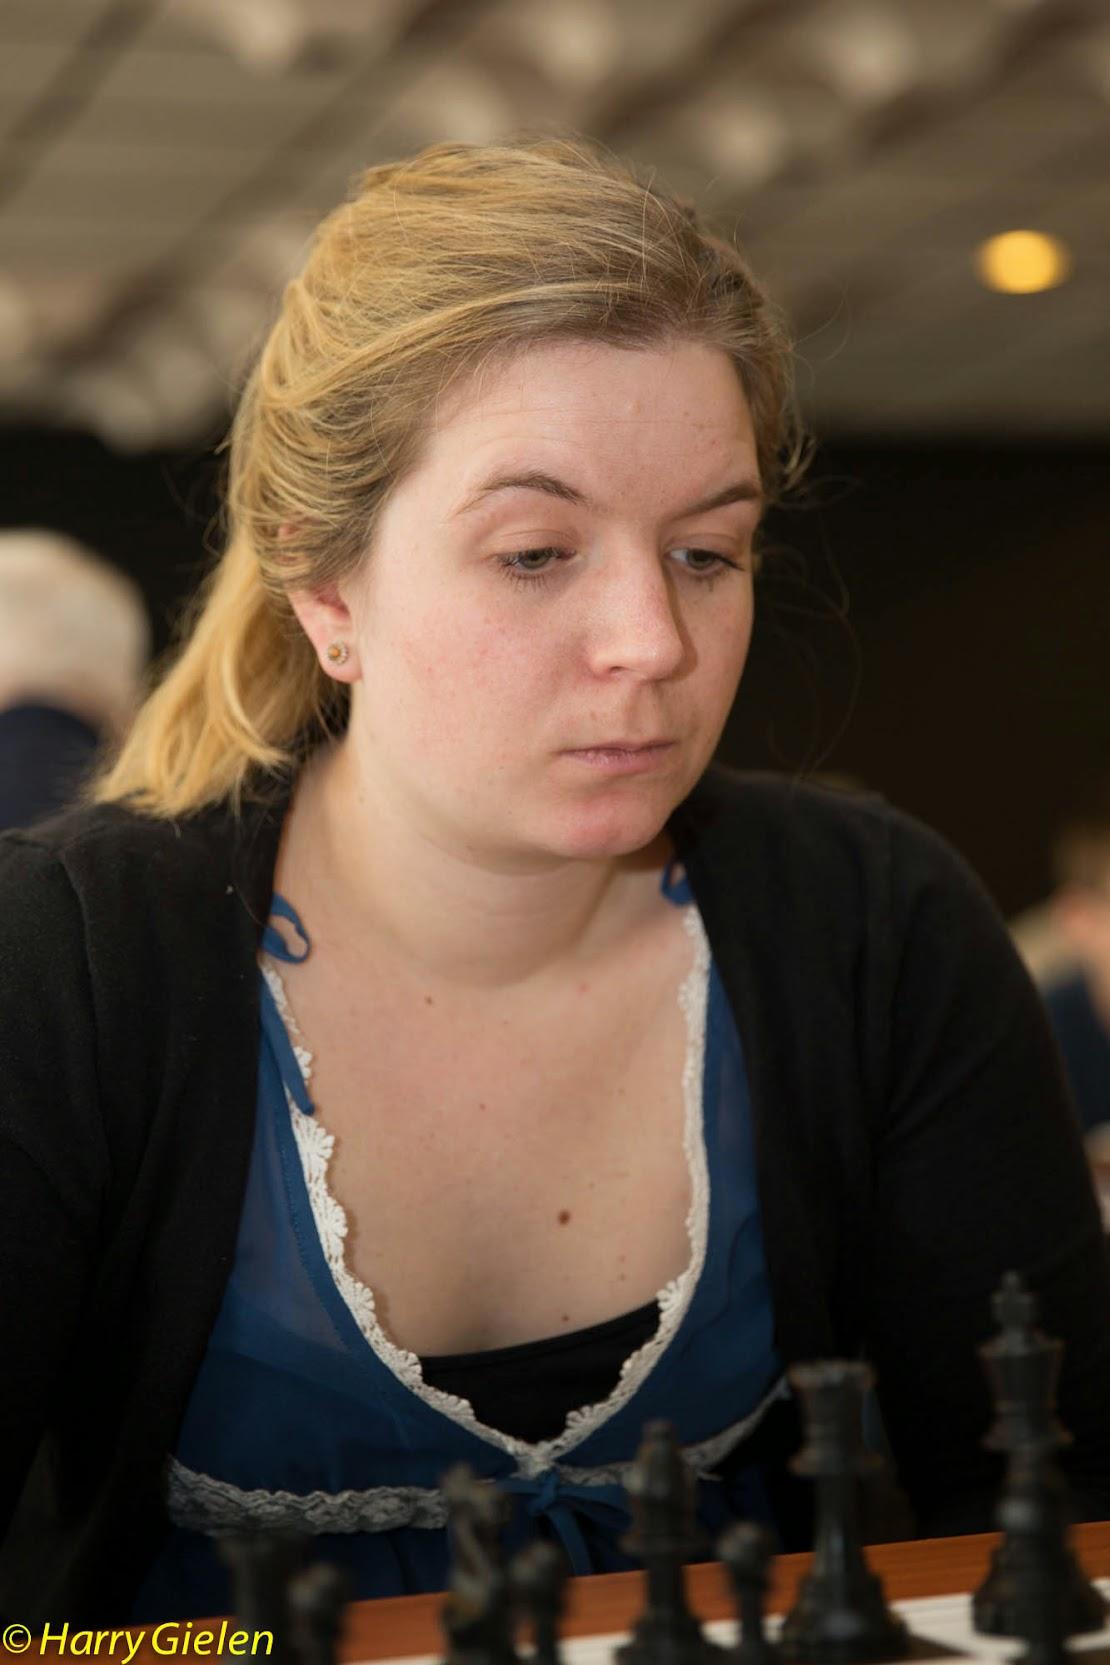 Sophie Welling